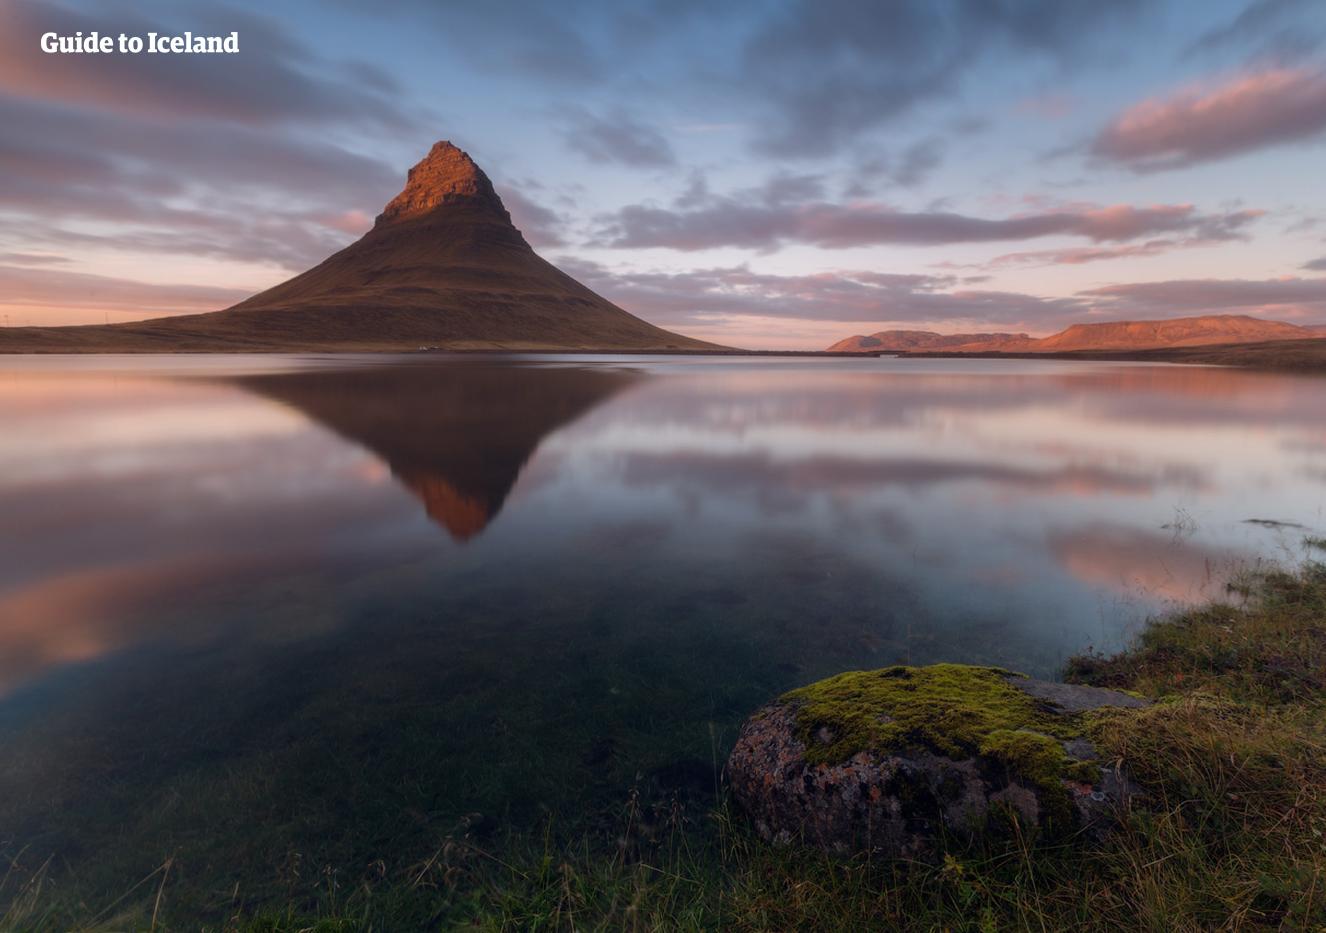 西部斯奈山半岛的草帽山是大家趋之若鹜的冰岛必去景点